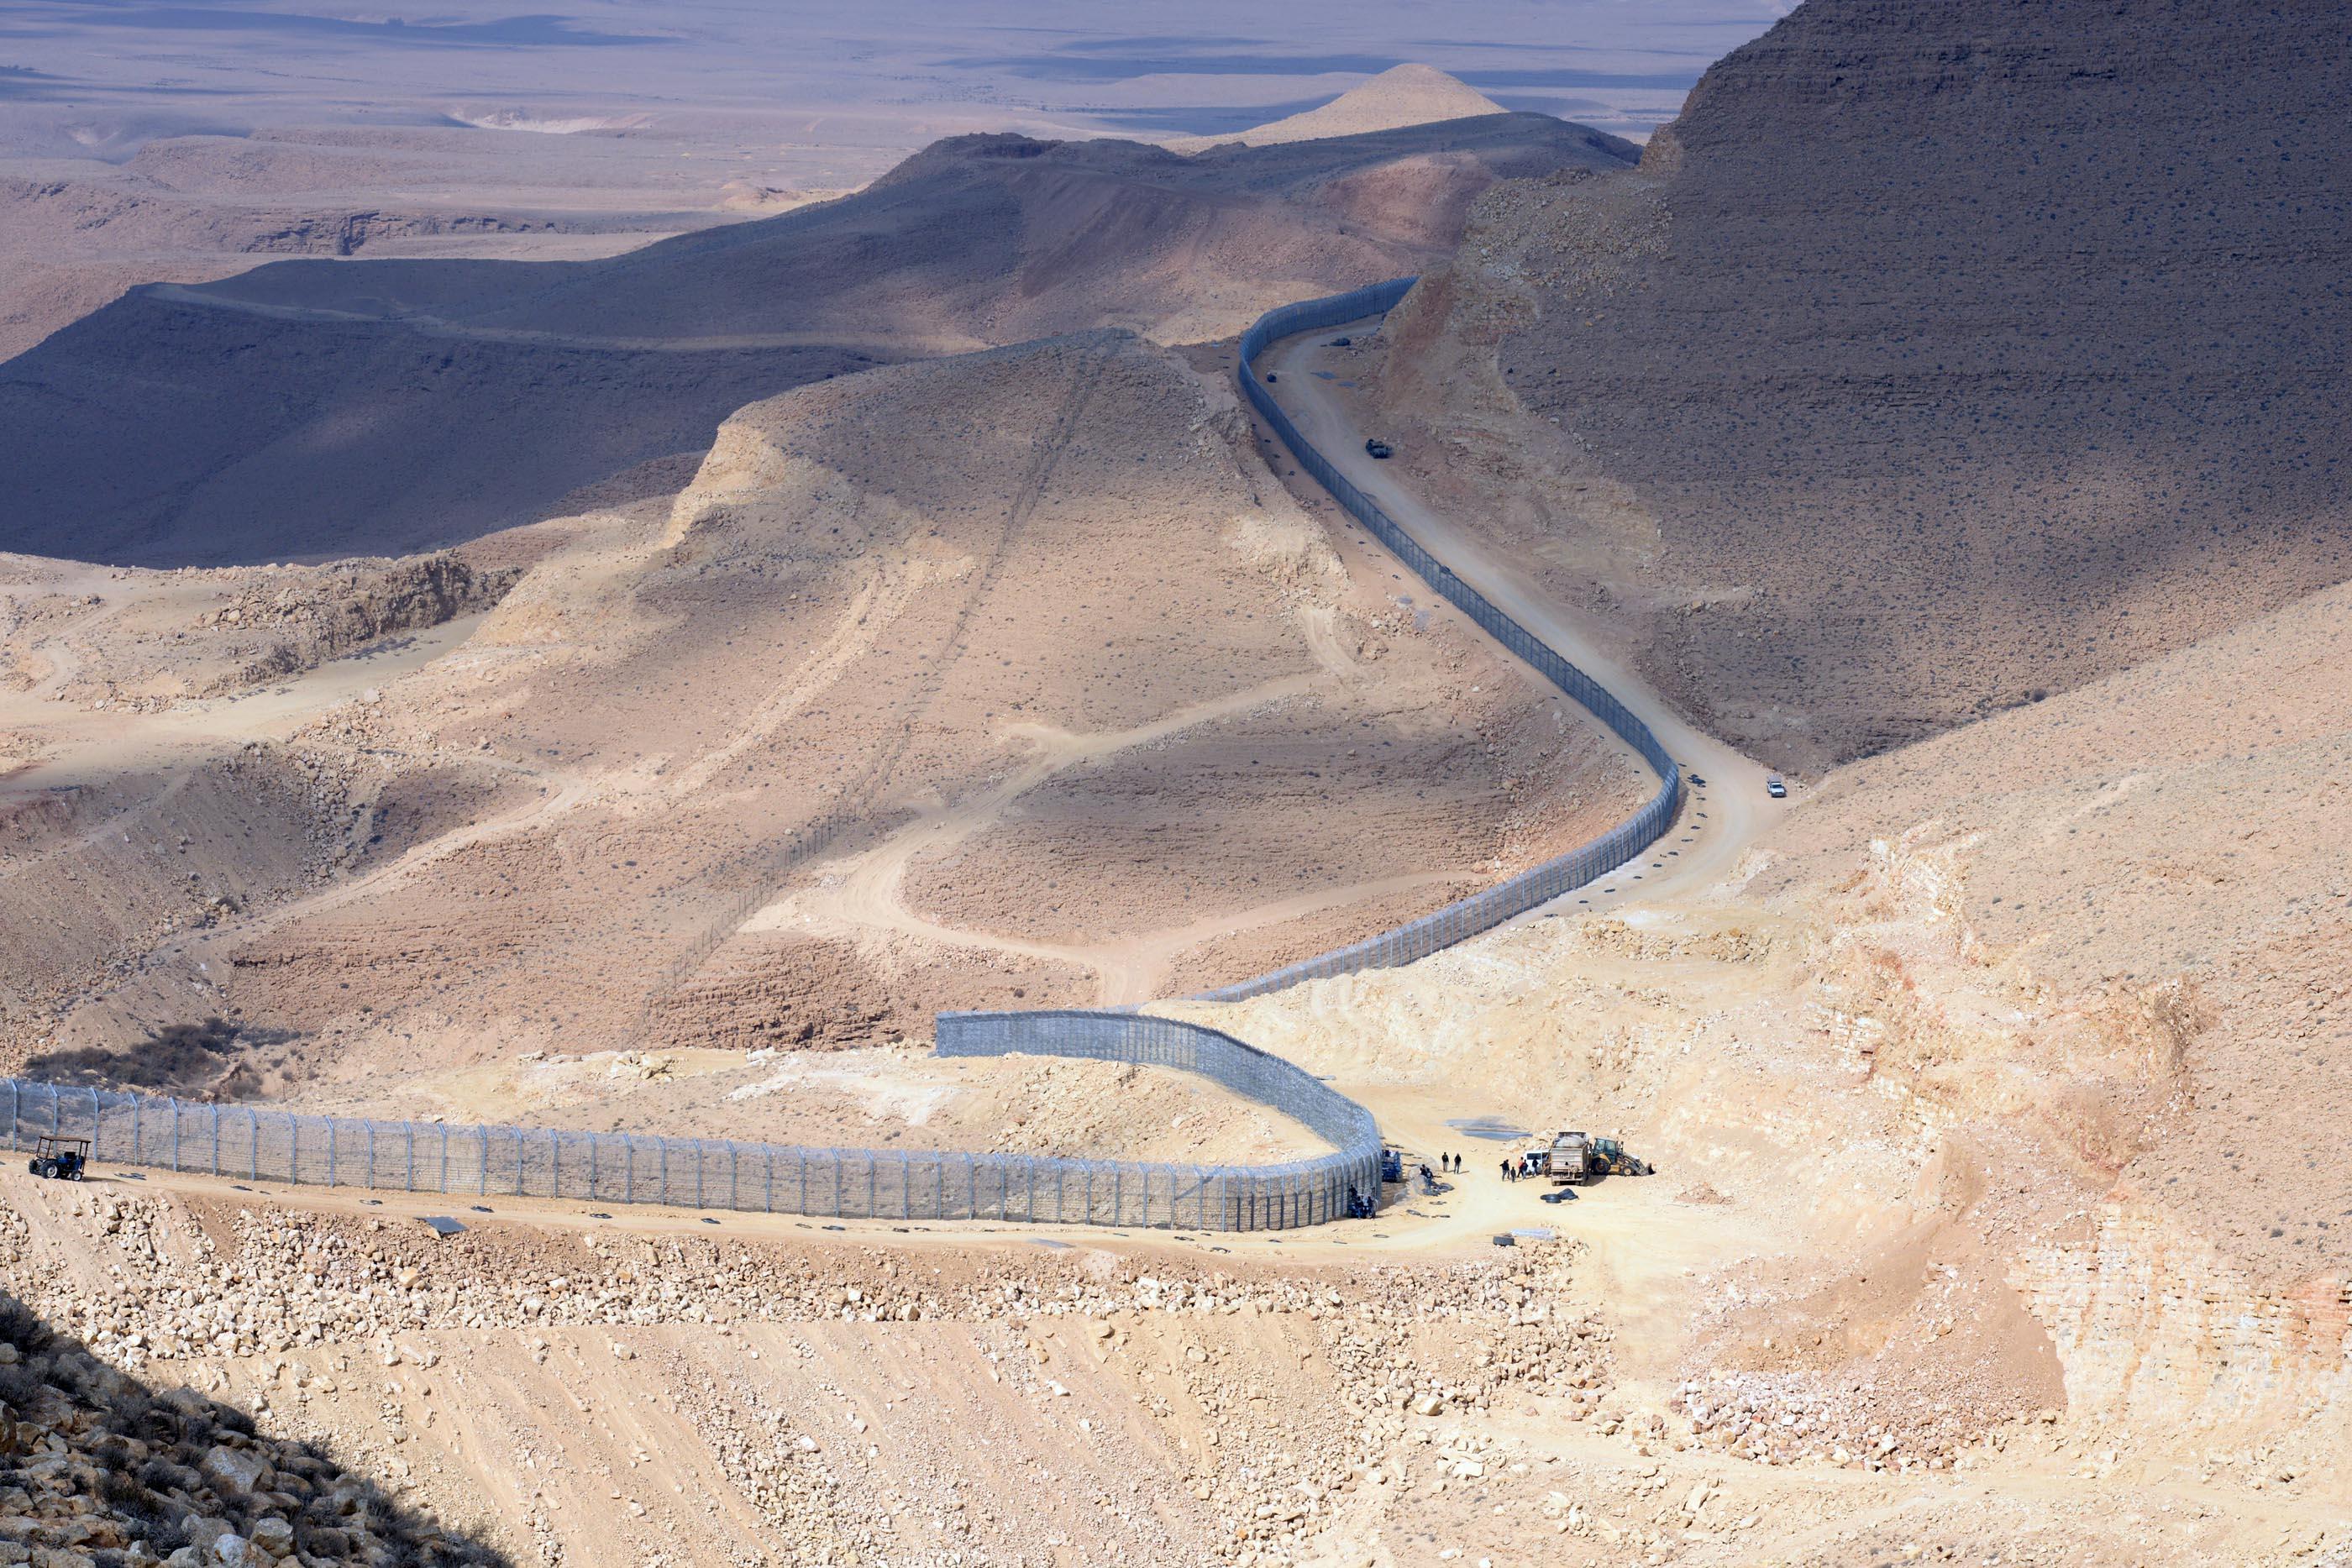 34 בני אדם הסתננו מגבול מצרים בחצי השנה האחרונה